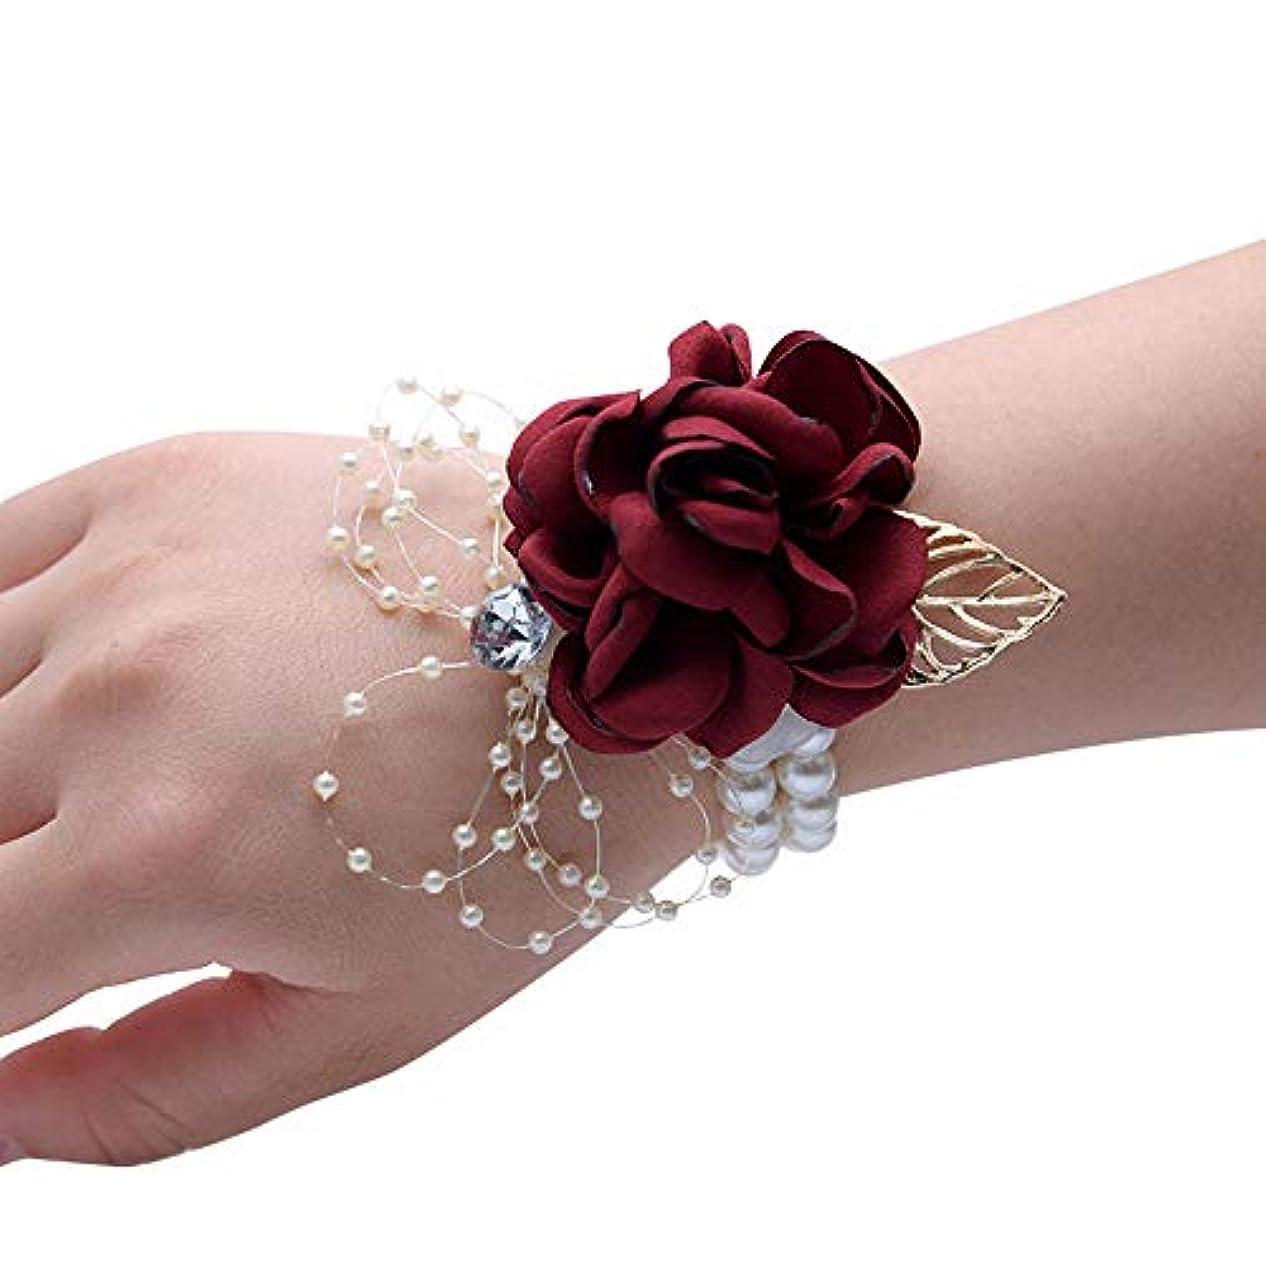 チーターアニメーション値するMerssavo 手首の花 - 女の子チャーム手首コサージュブレスレット花嫁介添人姉妹の手の花のどの真珠の結婚式、ワインレッド